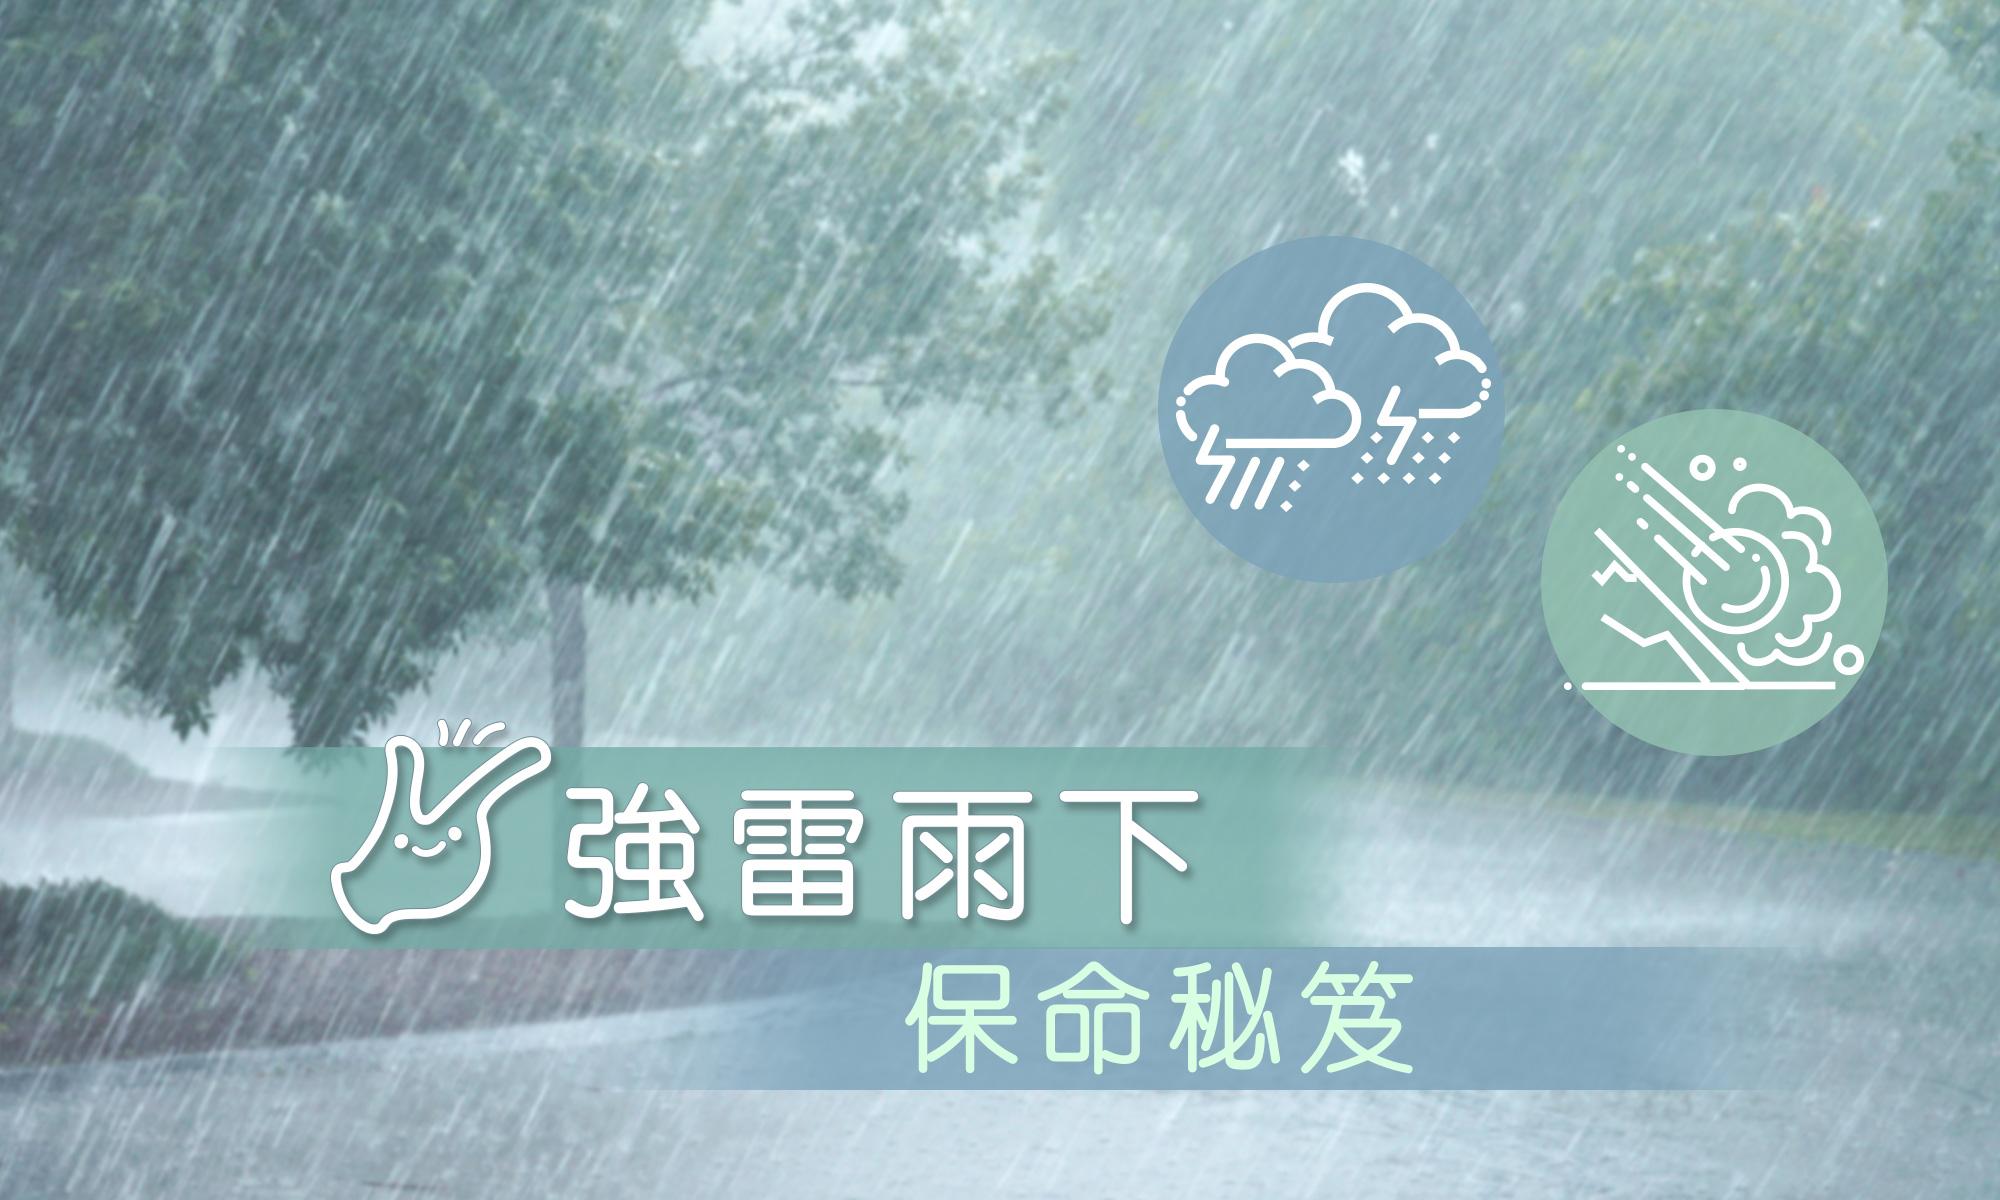 强雷雨下保命秘笈